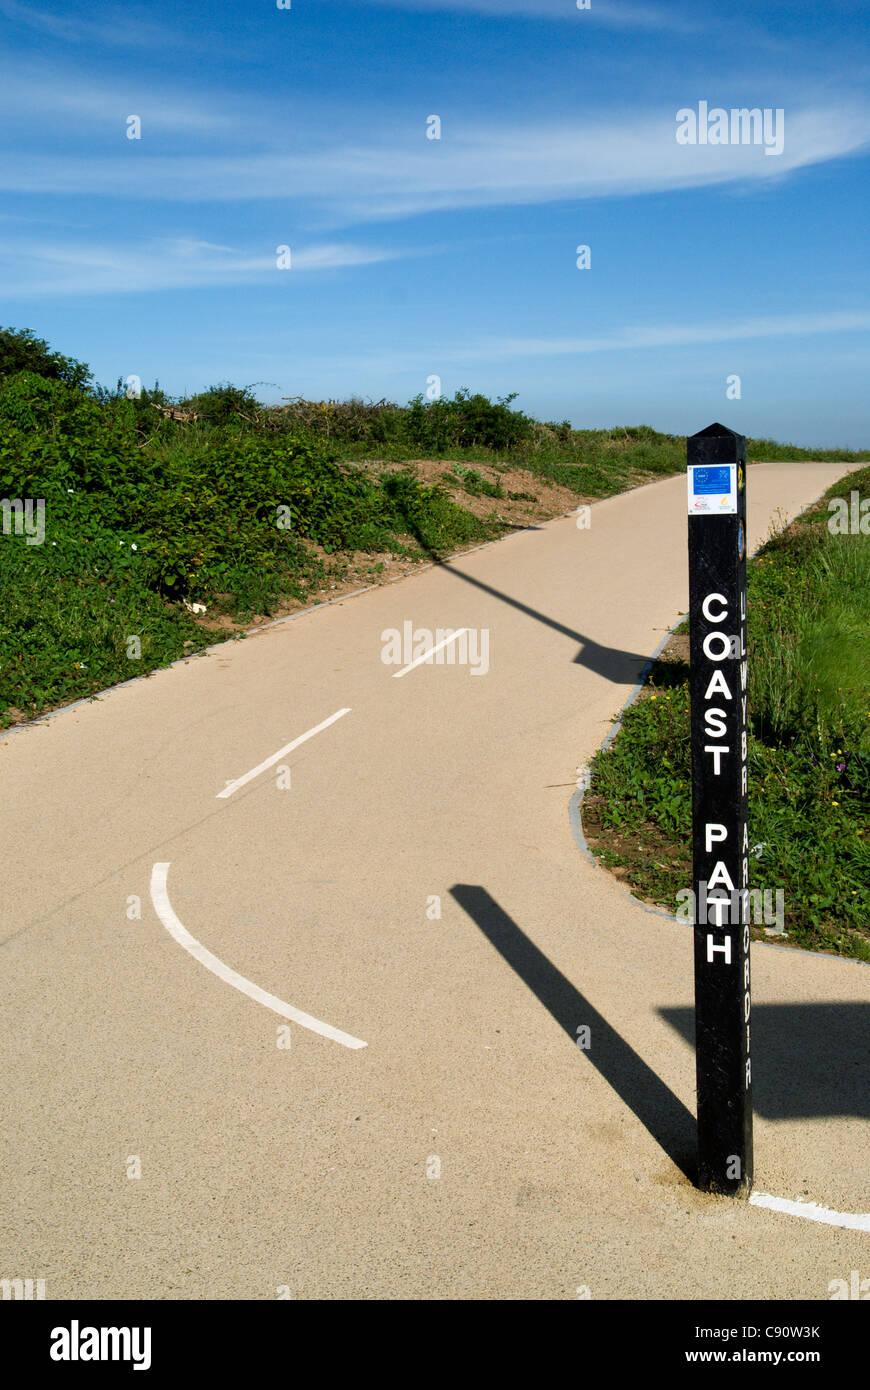 coastal footpath and sign porthcawl glamorgan south wales uk - Stock Image